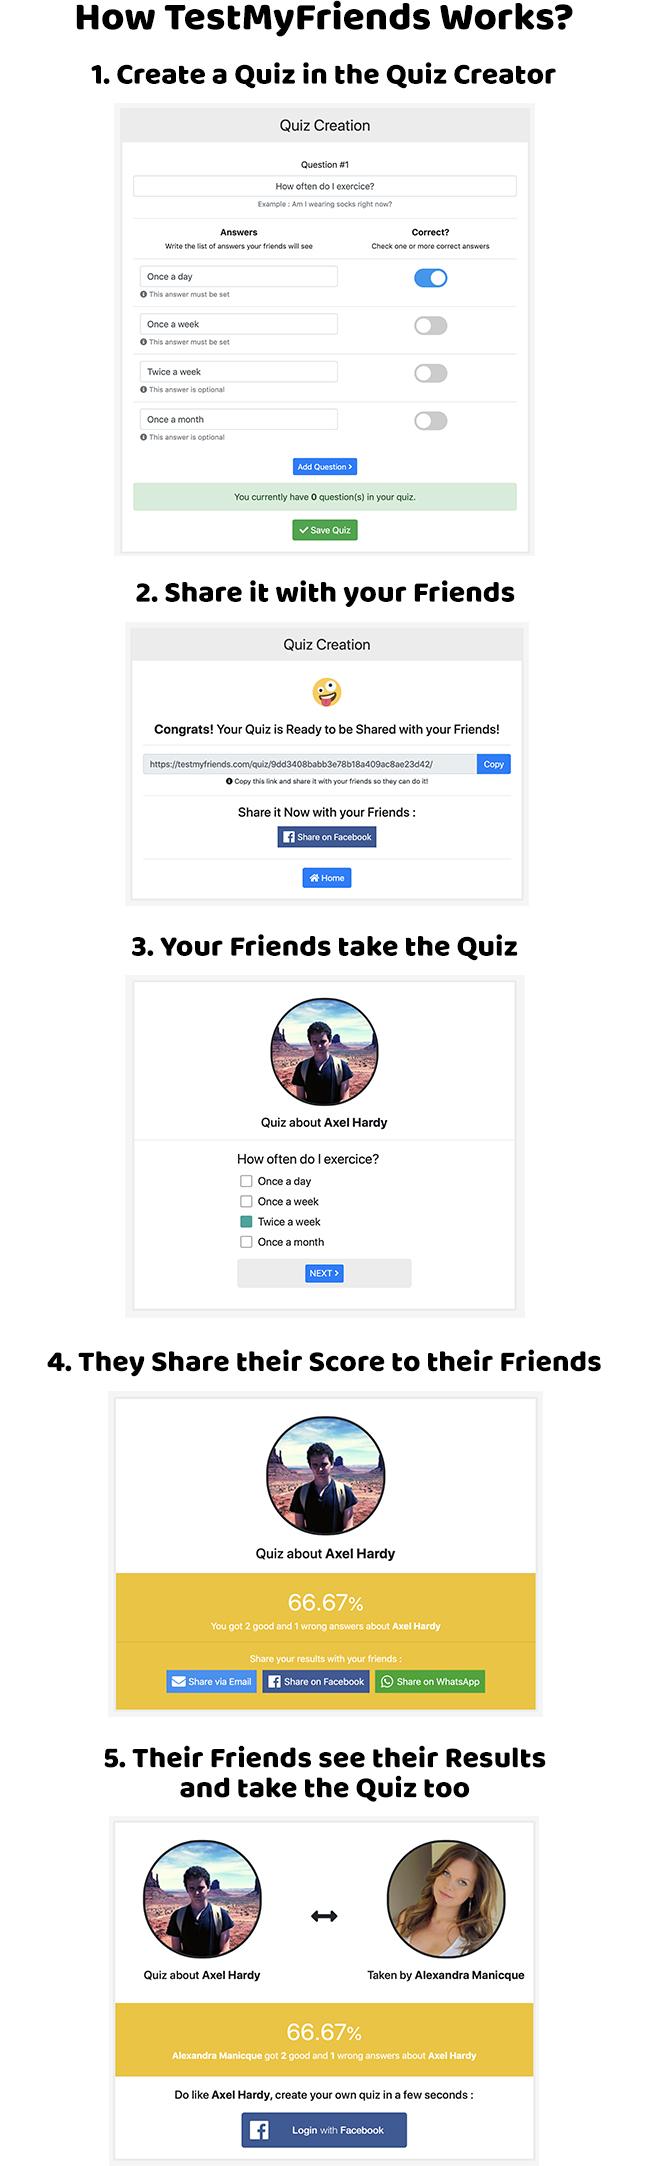 TestMyFriends - Complete Viral Friend Quiz Website - 2